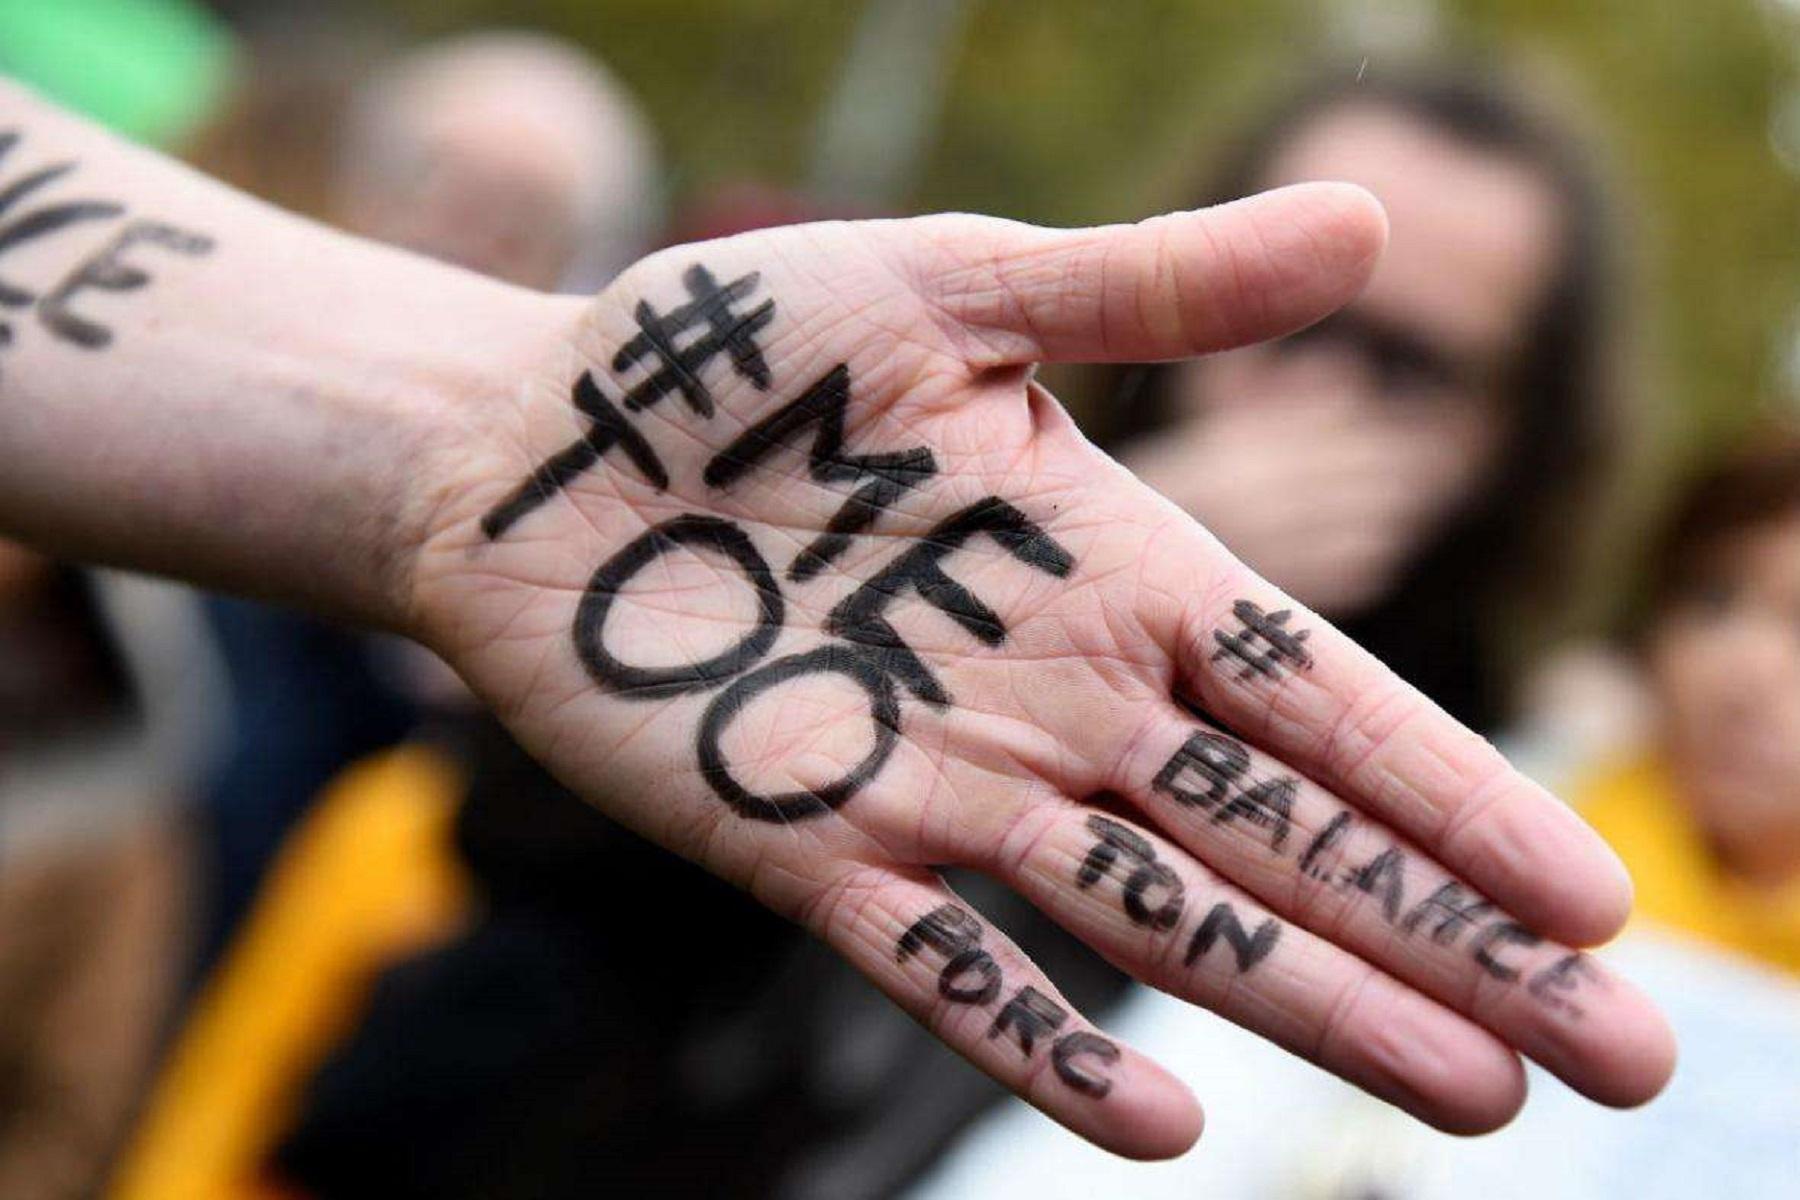 Σεξ Κακοποίηση Παιδί: Κίνημα #metoo κατά της παιδοφιλίας